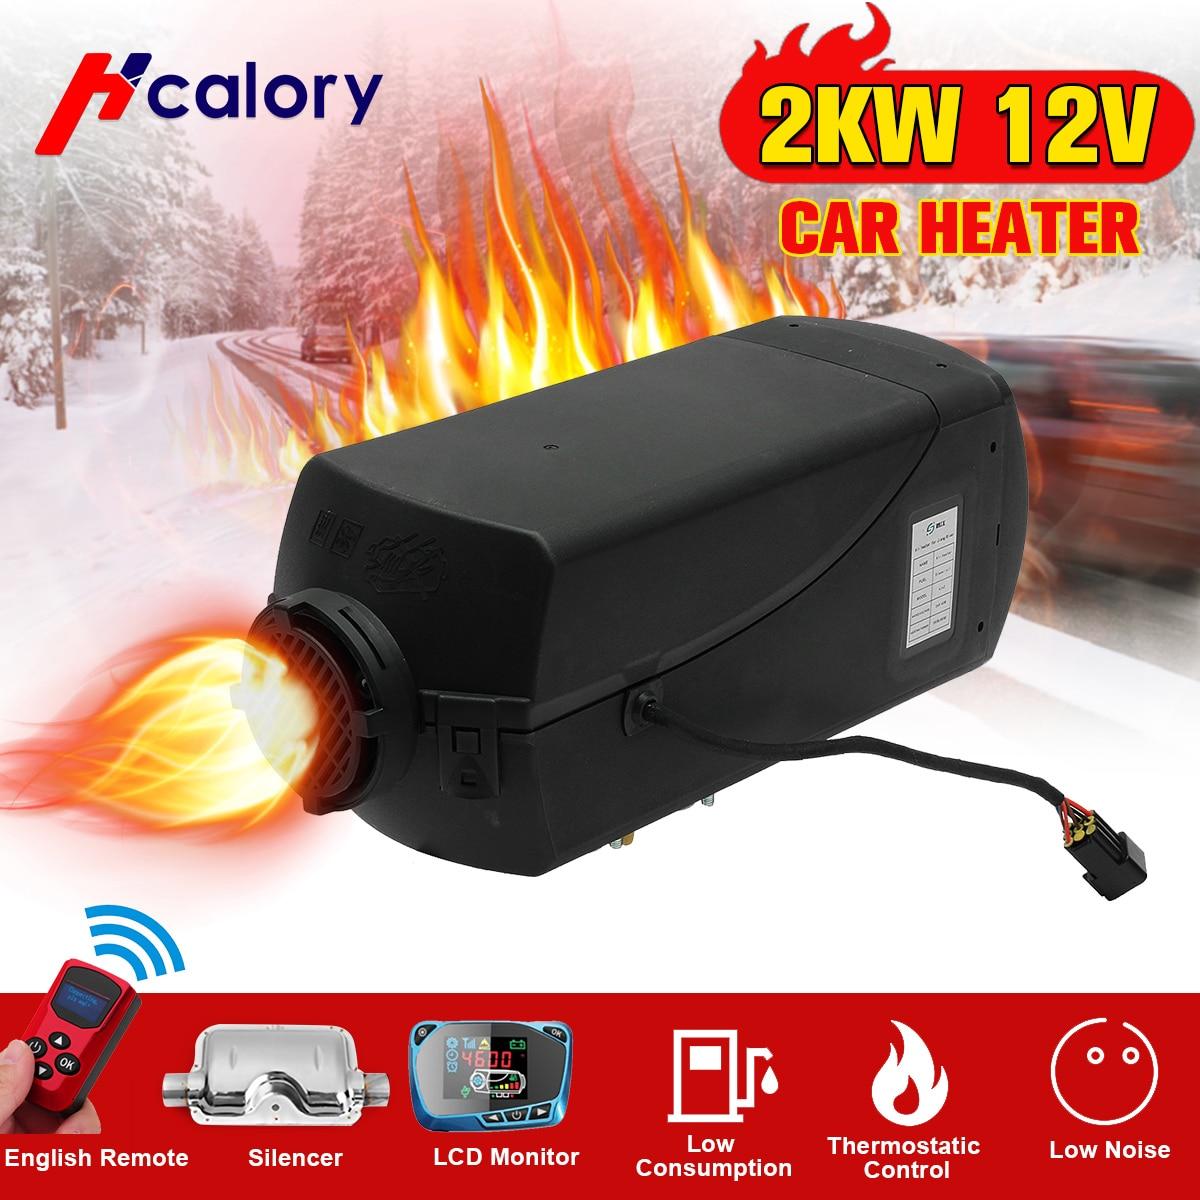 Автомобильный обогреватель 2KW 12 В Air Diesels нагреватель стояночный нагреватель с Дистанционный пульт с lcd монитор для RV, Motorhome прицеп, грузовики...